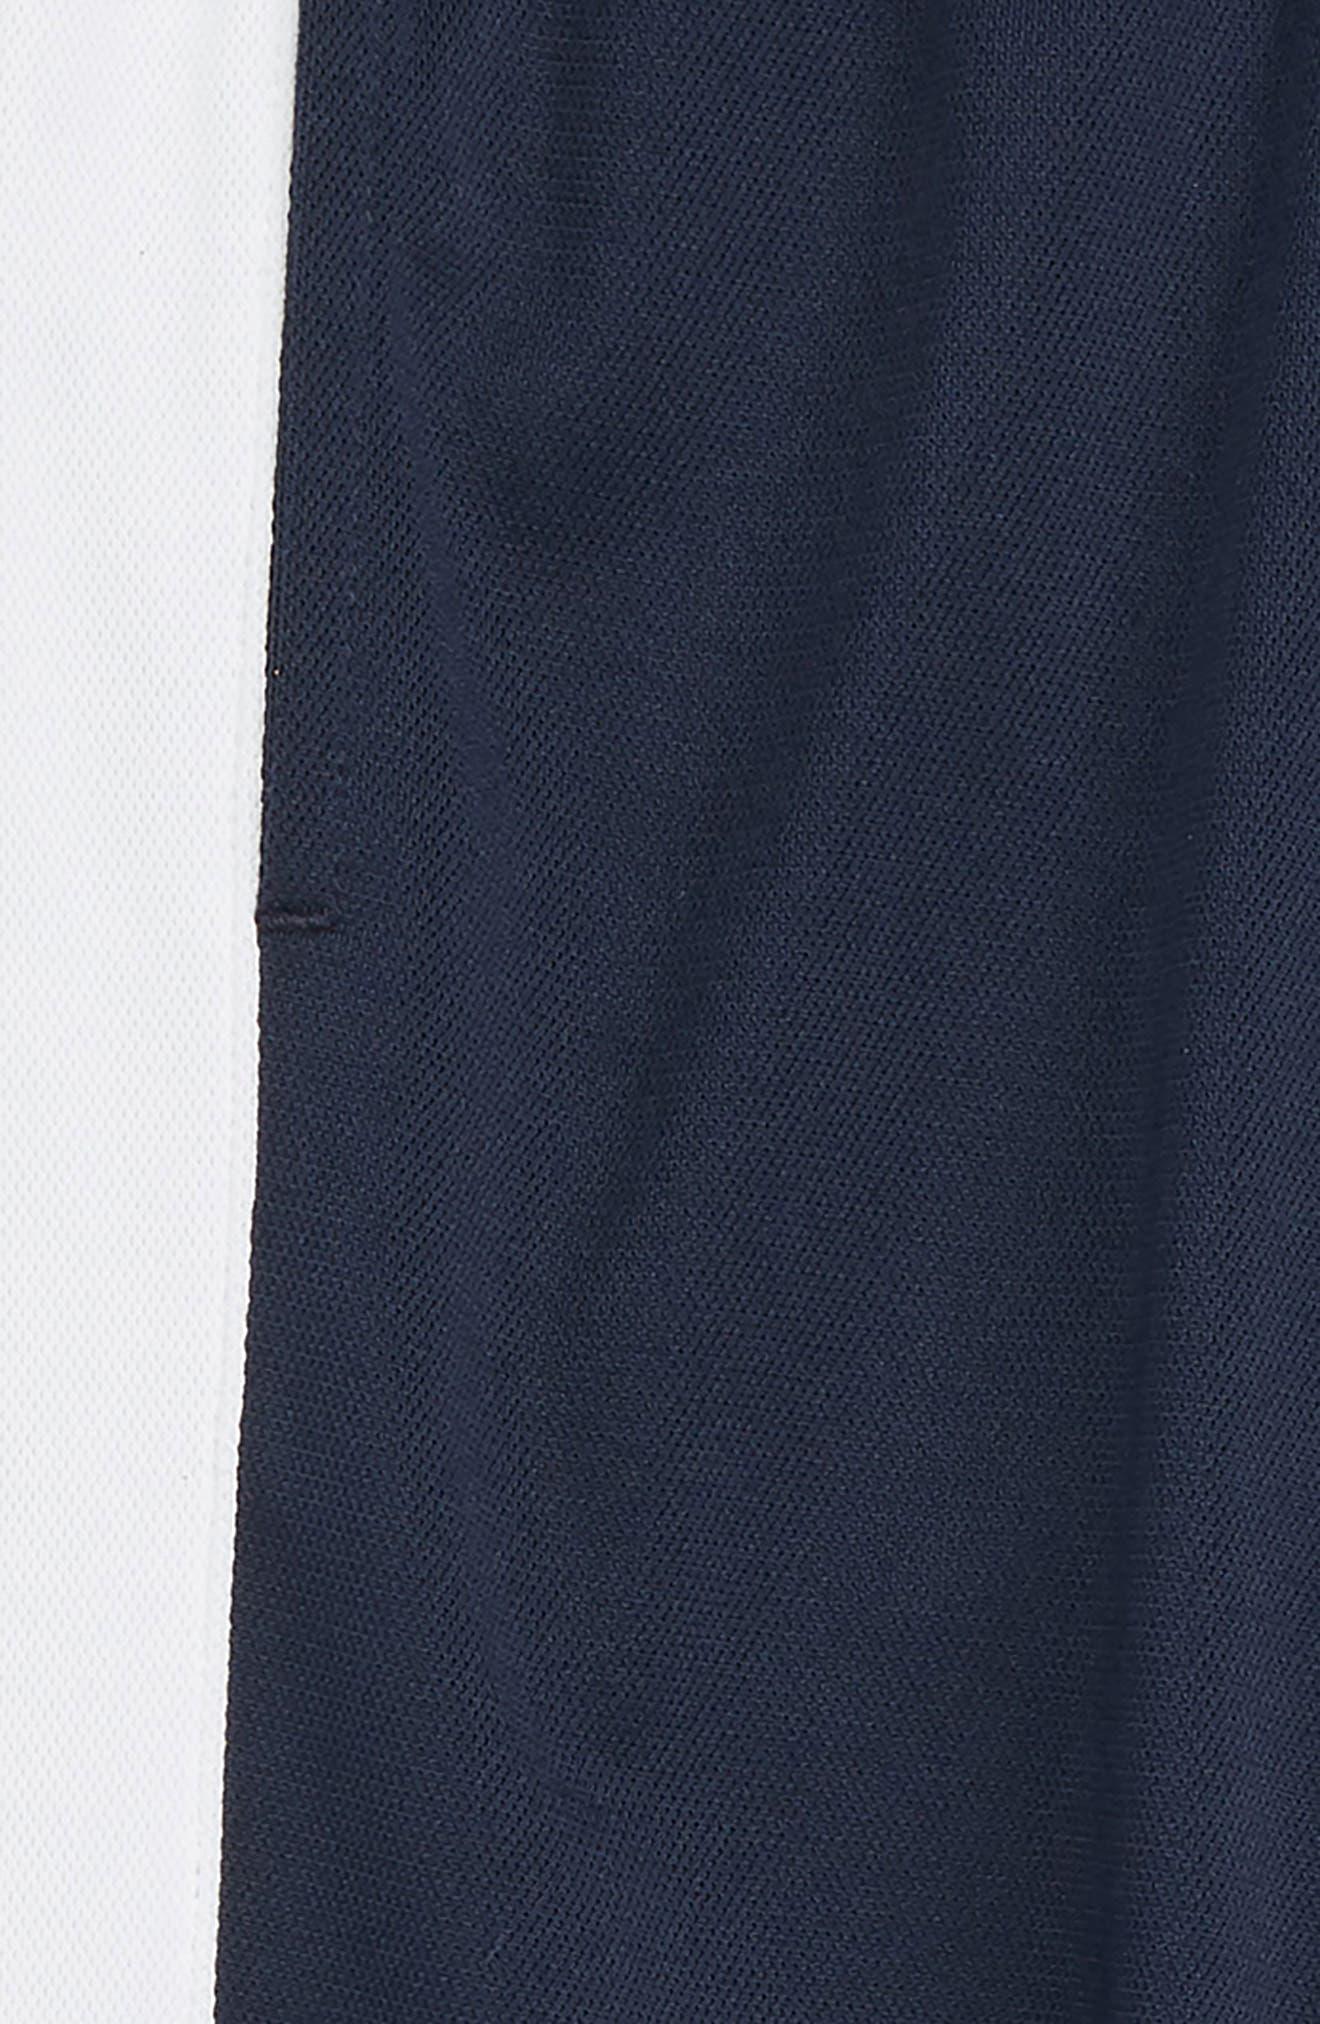 NIKE, Performance Knit Track Pants, Alternate thumbnail 2, color, 402